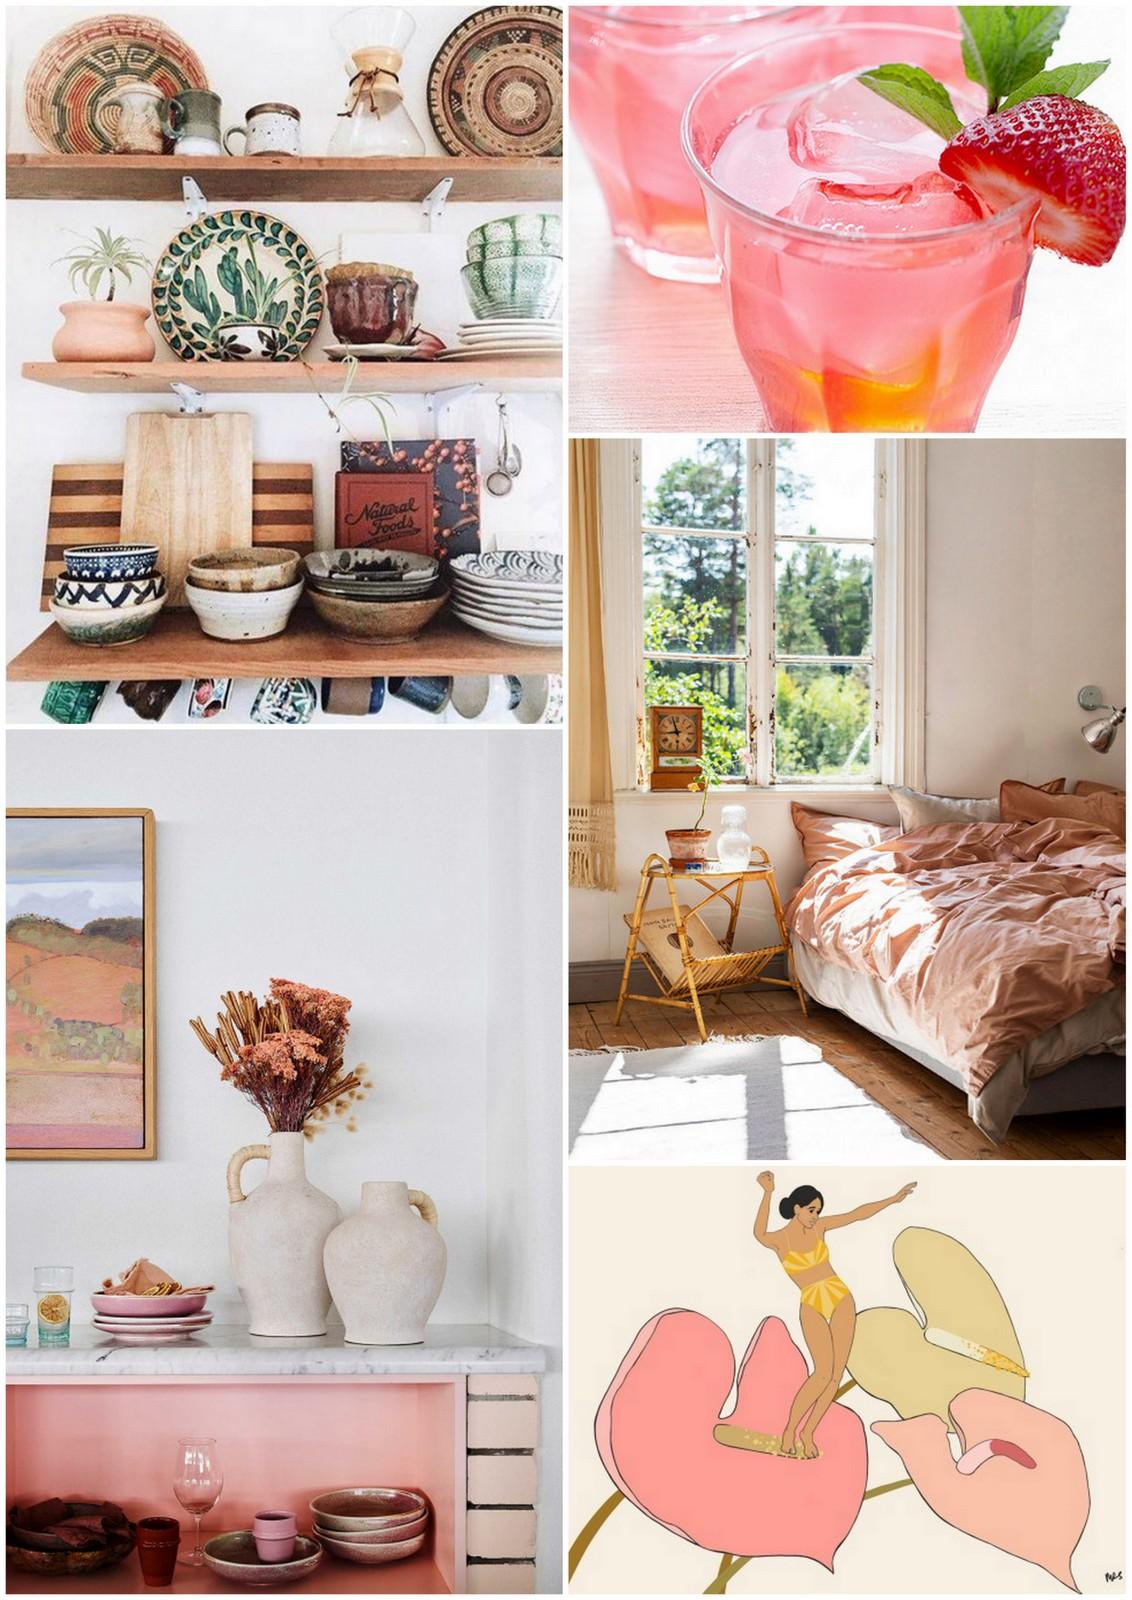 the mood,moldboard,l'impatience,émotions,réflexions,développement personnel,travail sur soi,terracotta,pink,couleurs